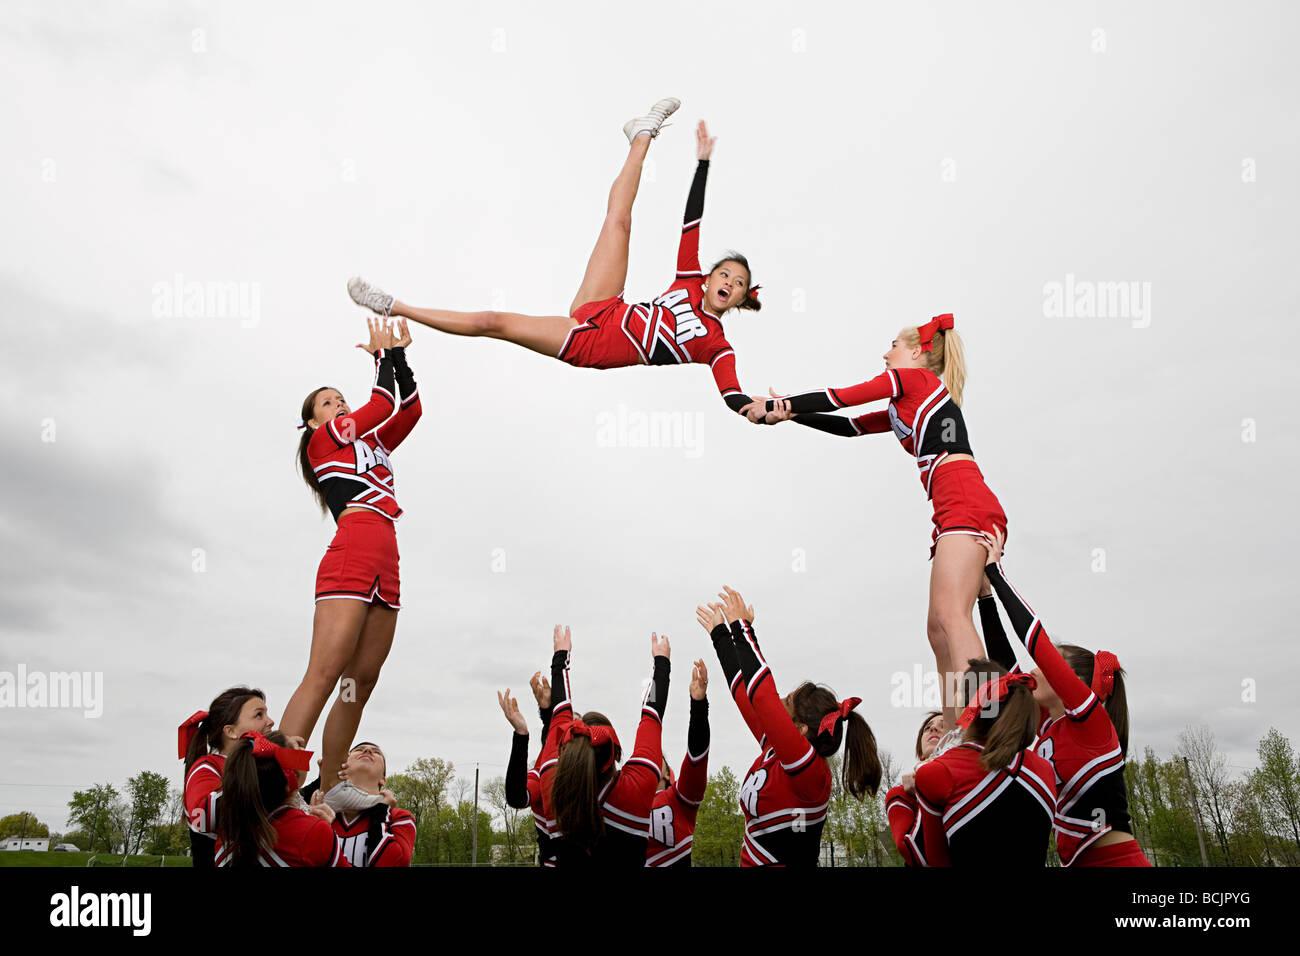 Cheerleaders di eseguire la routine Immagini Stock